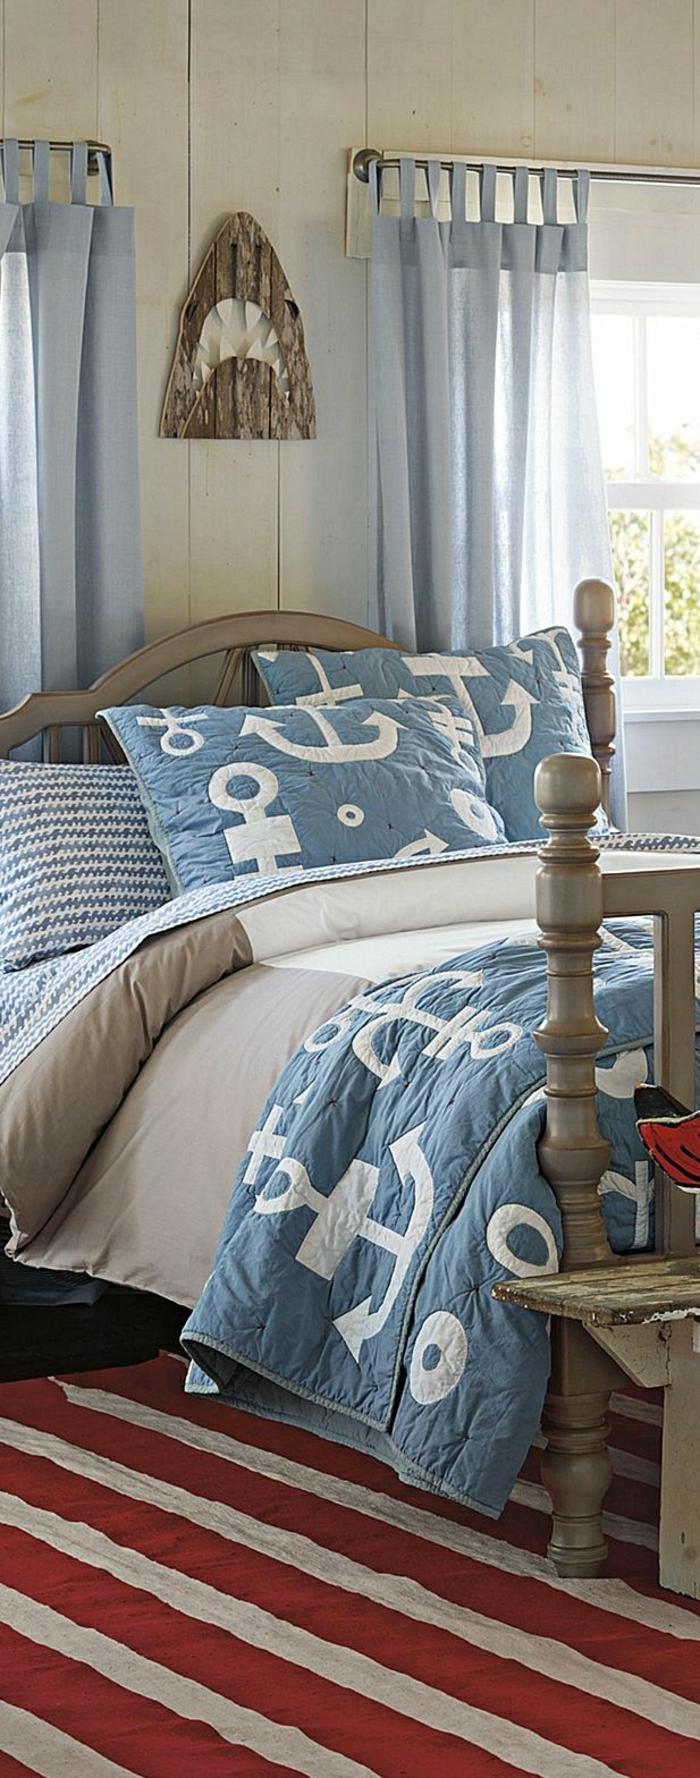 chambre-de-style-marine-idée-linge-de-lit-style-marin-deco-bord-de-mer